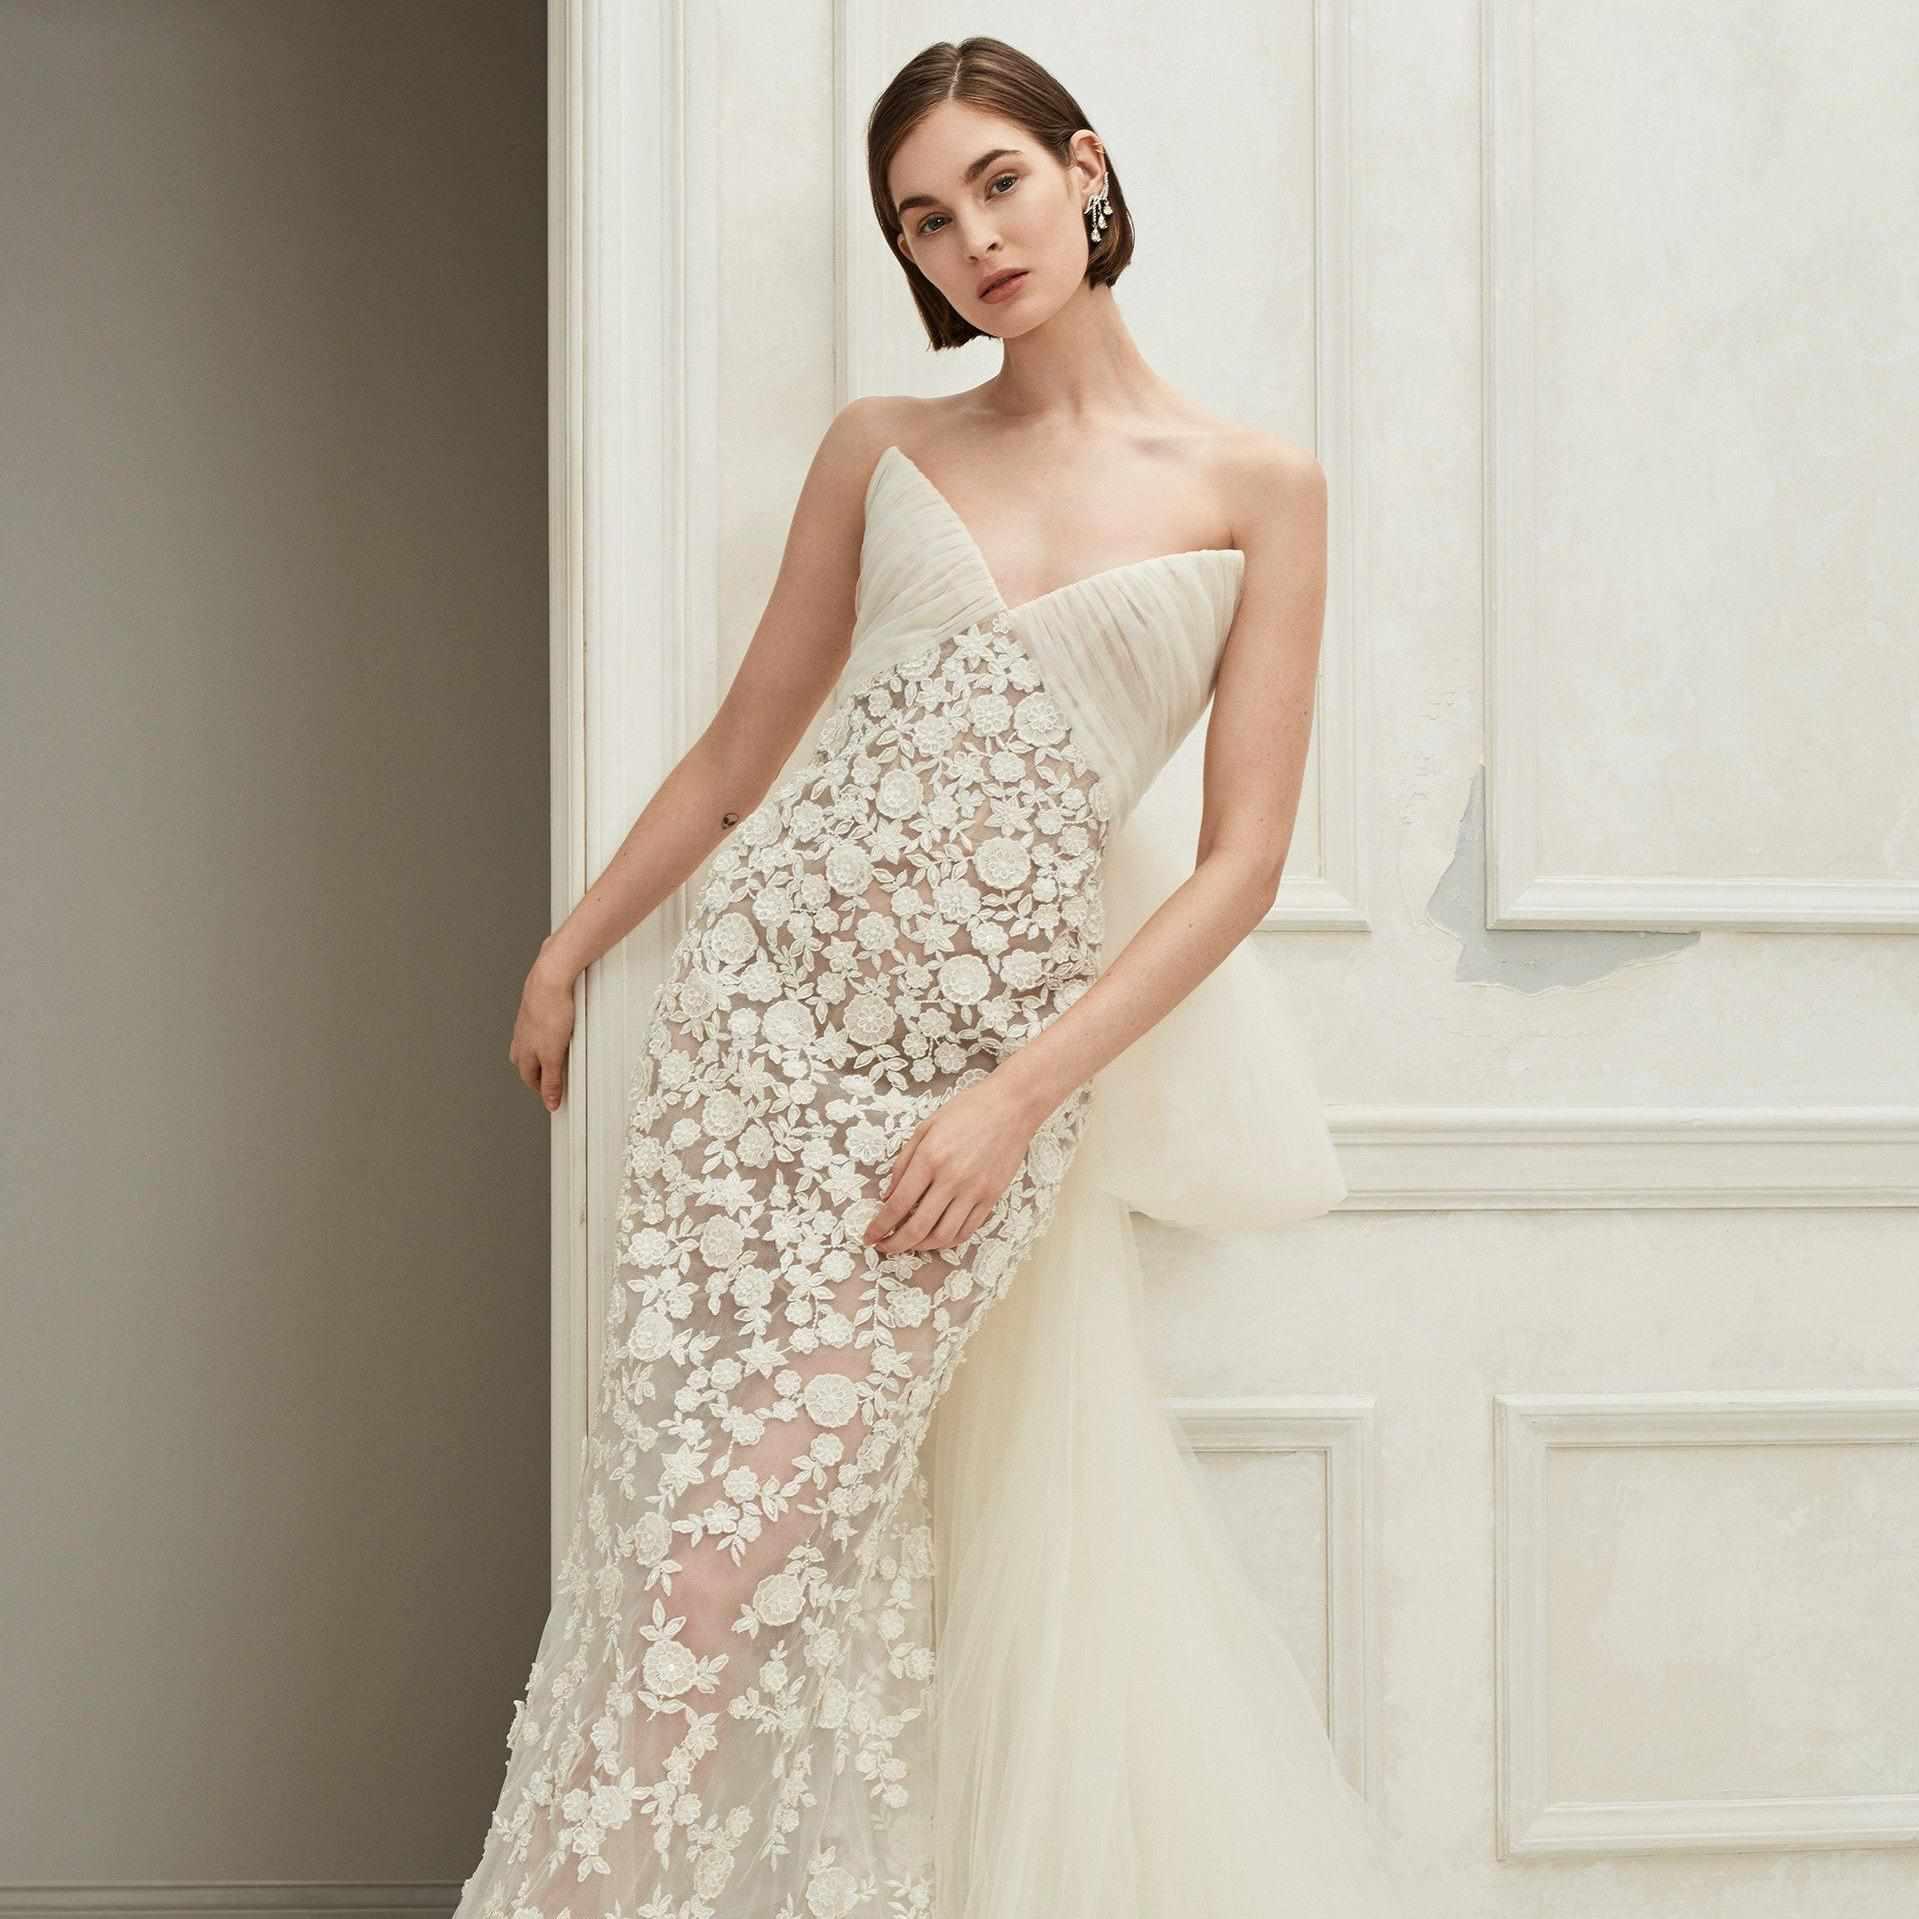 28 floral wedding dresses